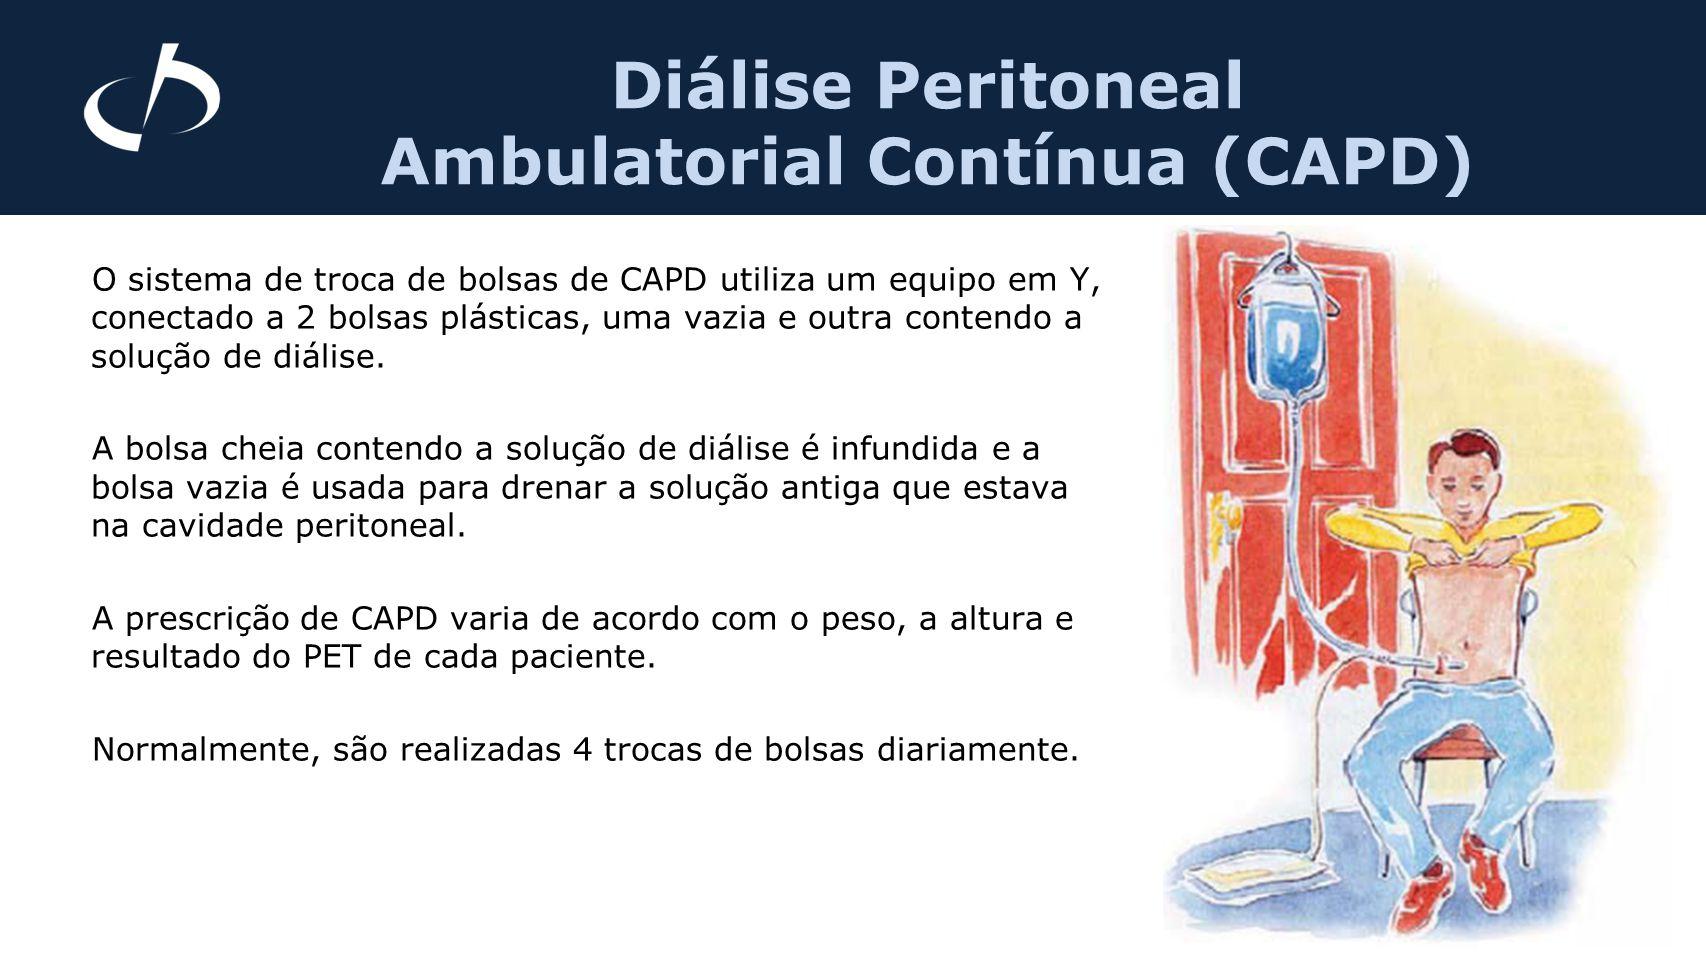 O sistema de troca de bolsas de CAPD utiliza um equipo em Y, conectado a 2 bolsas plásticas, uma vazia e outra contendo a solução de diálise. A bolsa